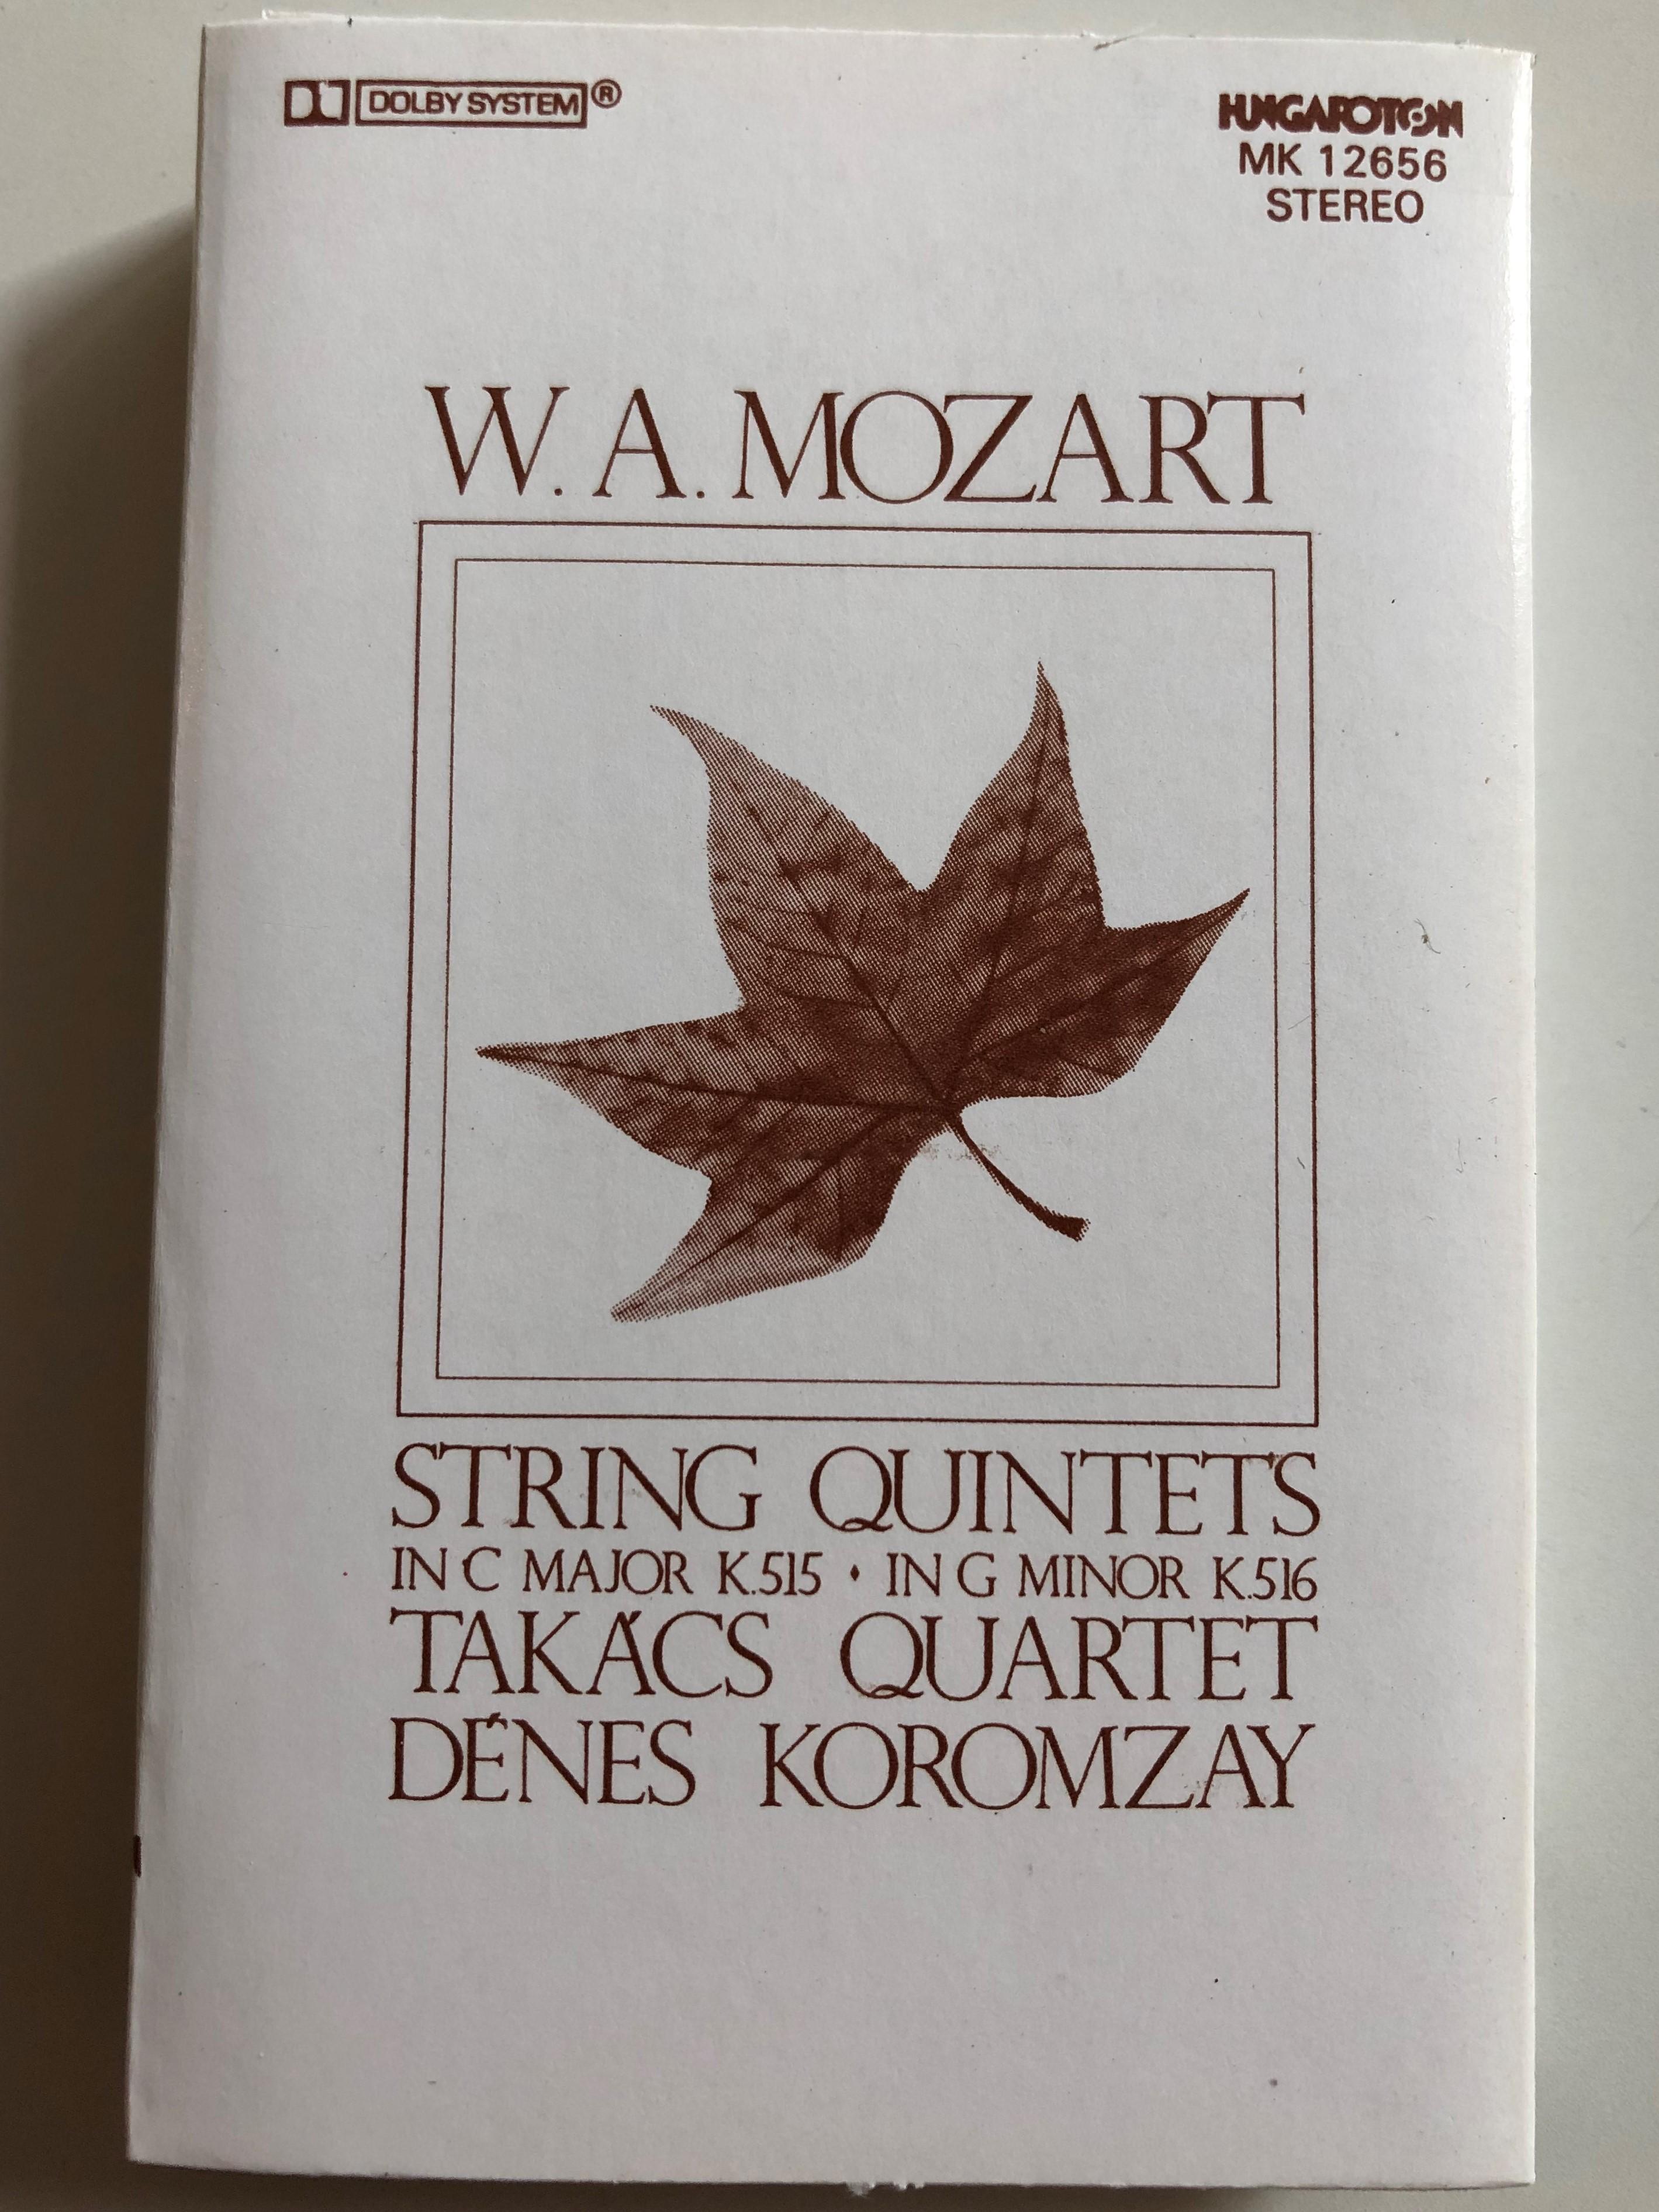 w.a.mozart-string-quintets-in-c-major-k515-in-g-minor-k516-takacs-quartet-denes-koromzay-hungaroton-cassette-stereo-mk-12656-1-.jpg